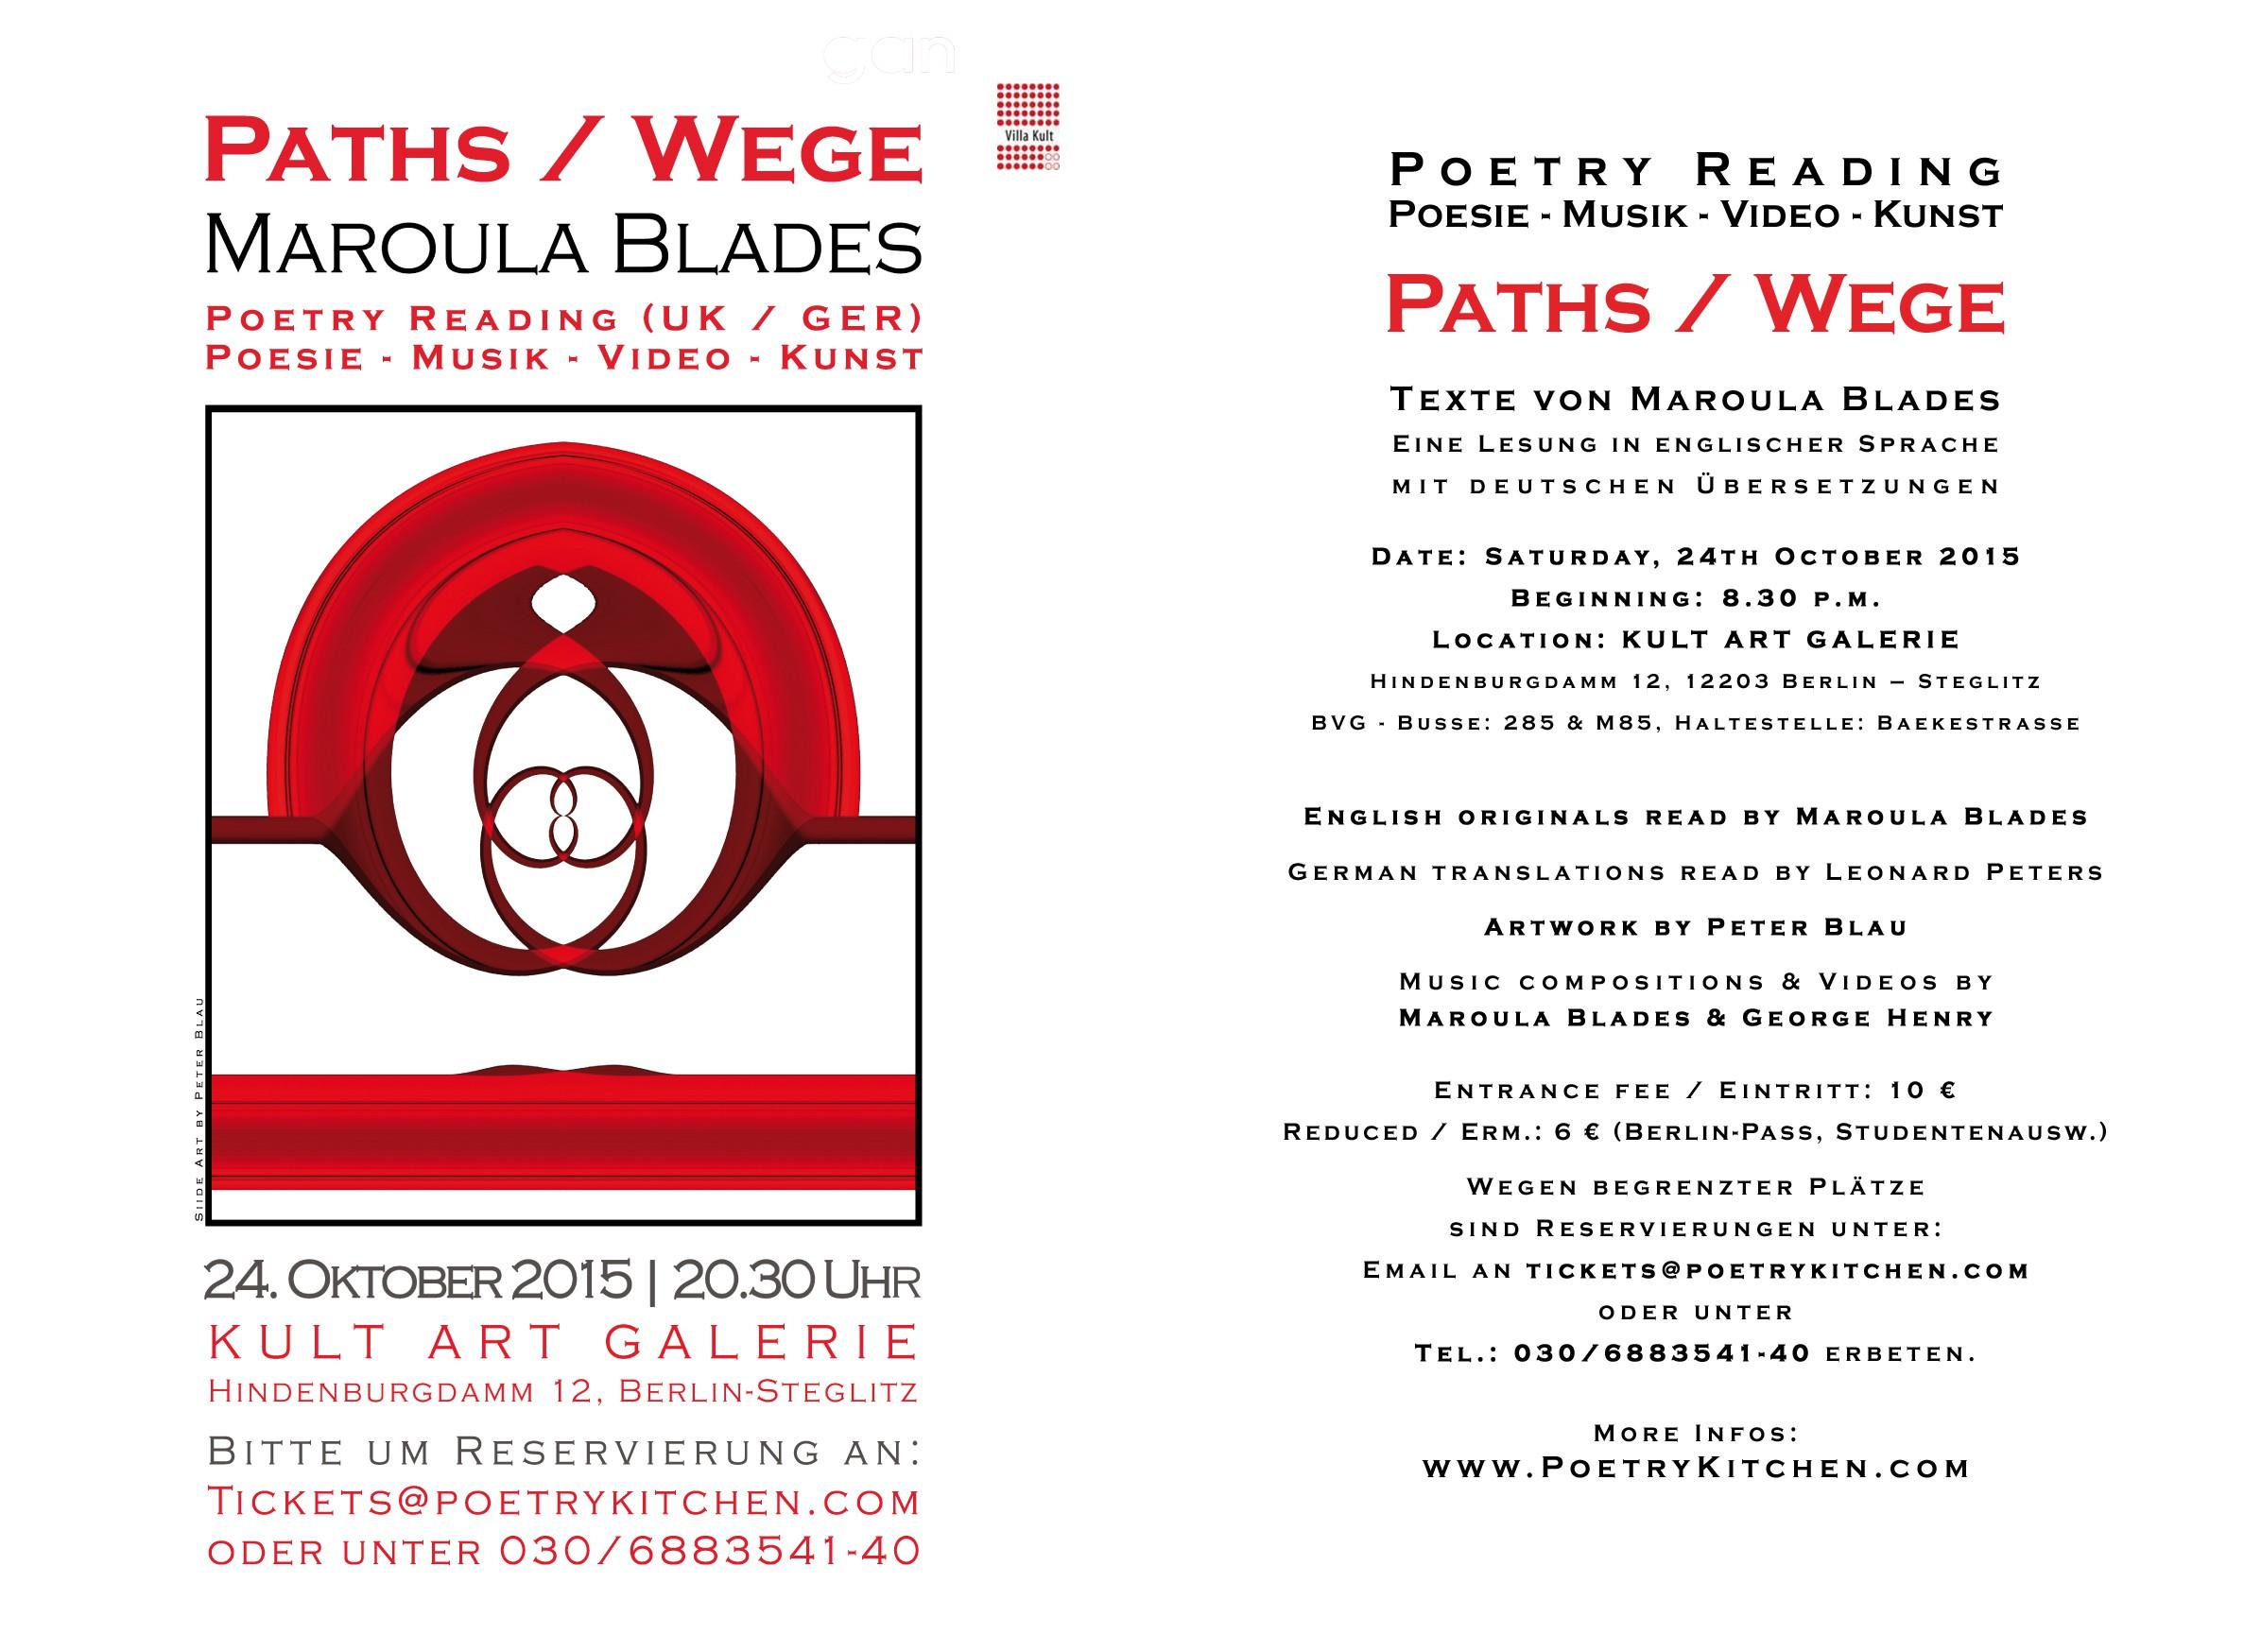 email flyer - Maroula Blades - PATHS / WEGE